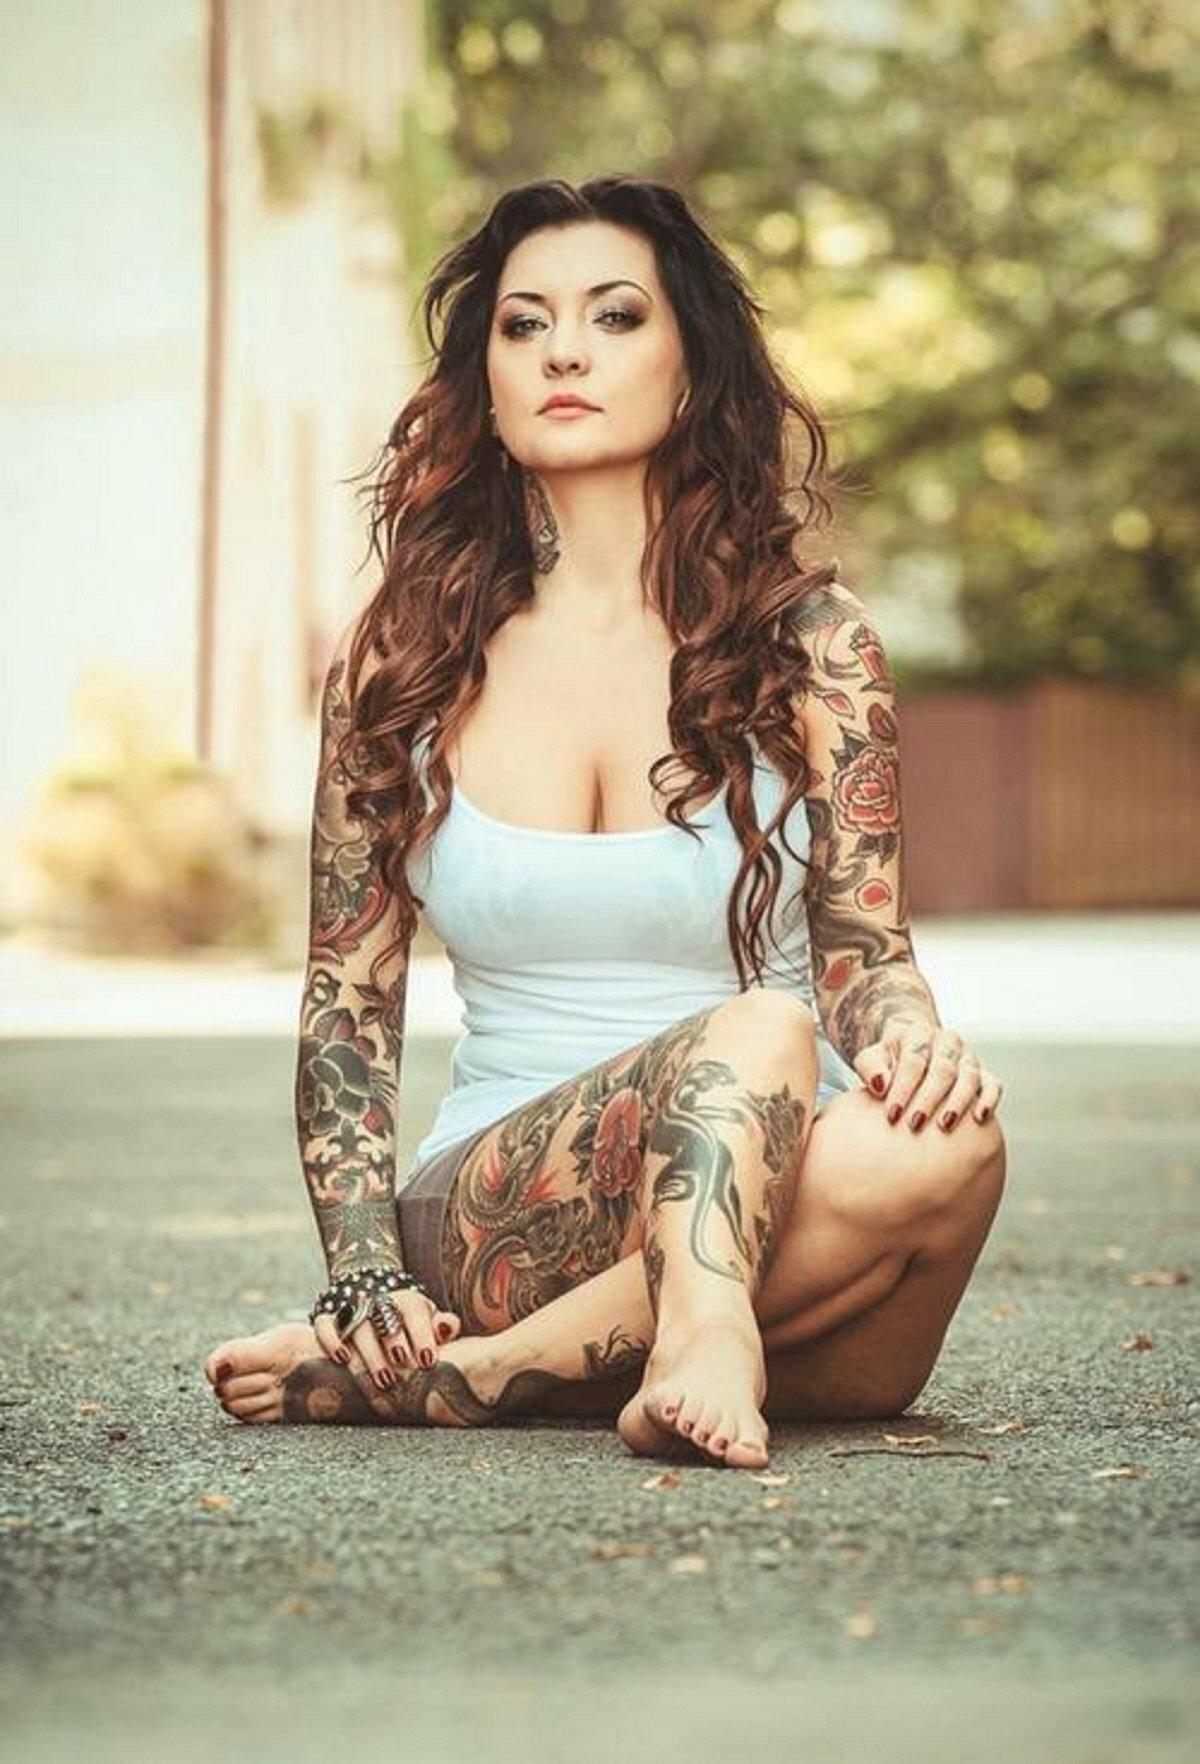 heavily tattooed women 2